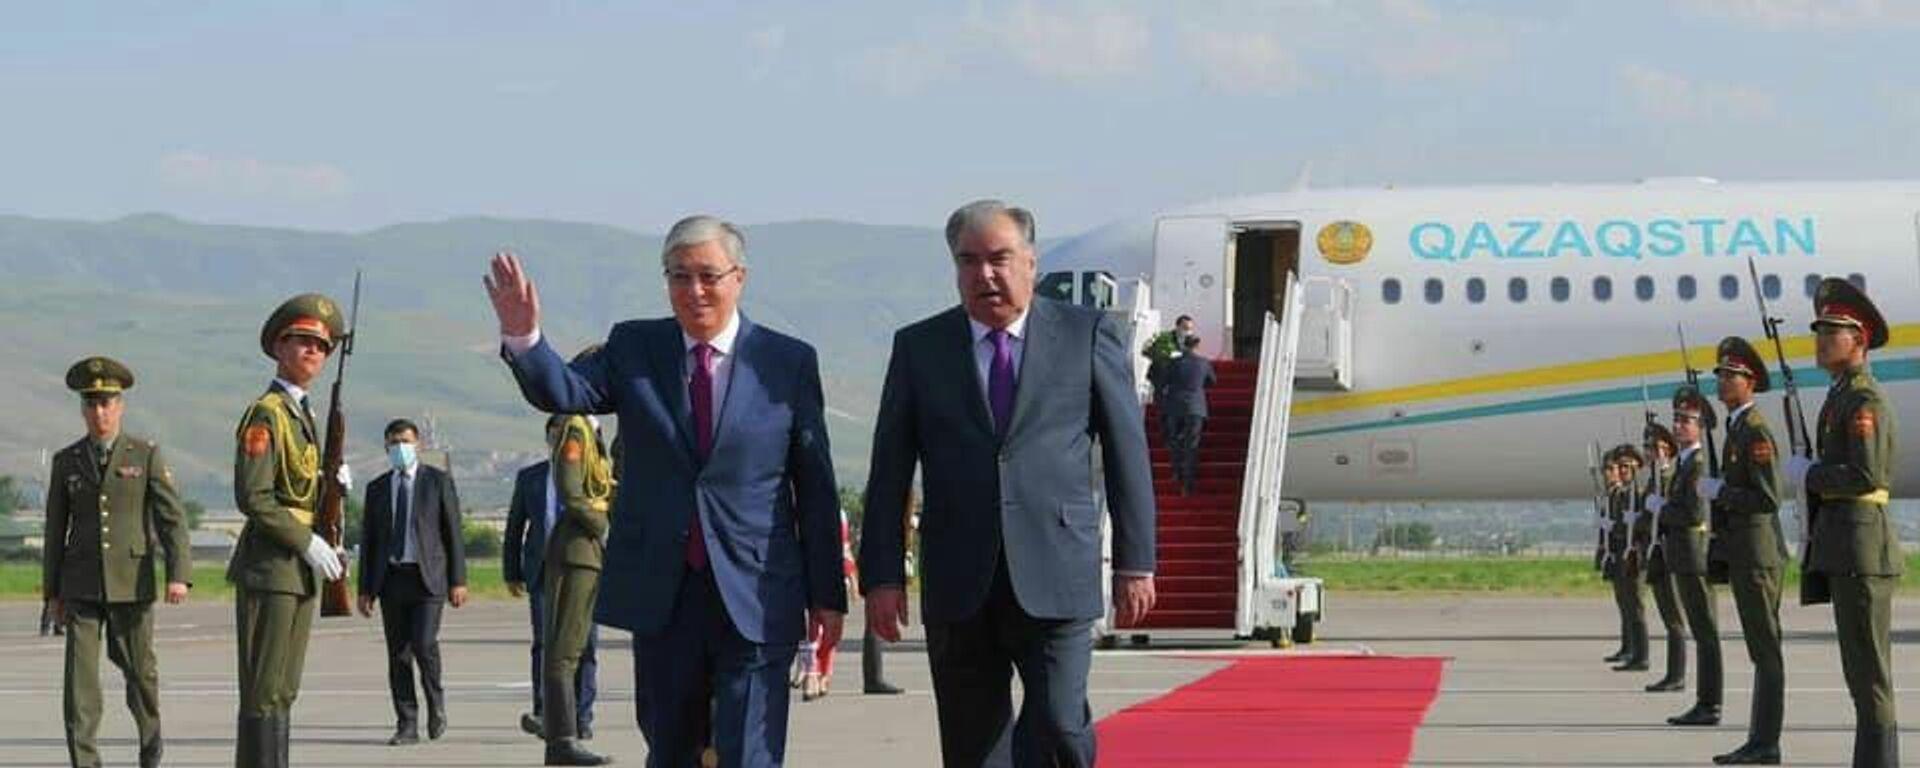 Президент Касым-Жомарт Токаев прибыл в Душанбе с двухдневным официальным визитом по приглашению Президента Таджикистана Эмомали Рахмона - Sputnik Таджикистан, 1920, 19.05.2021